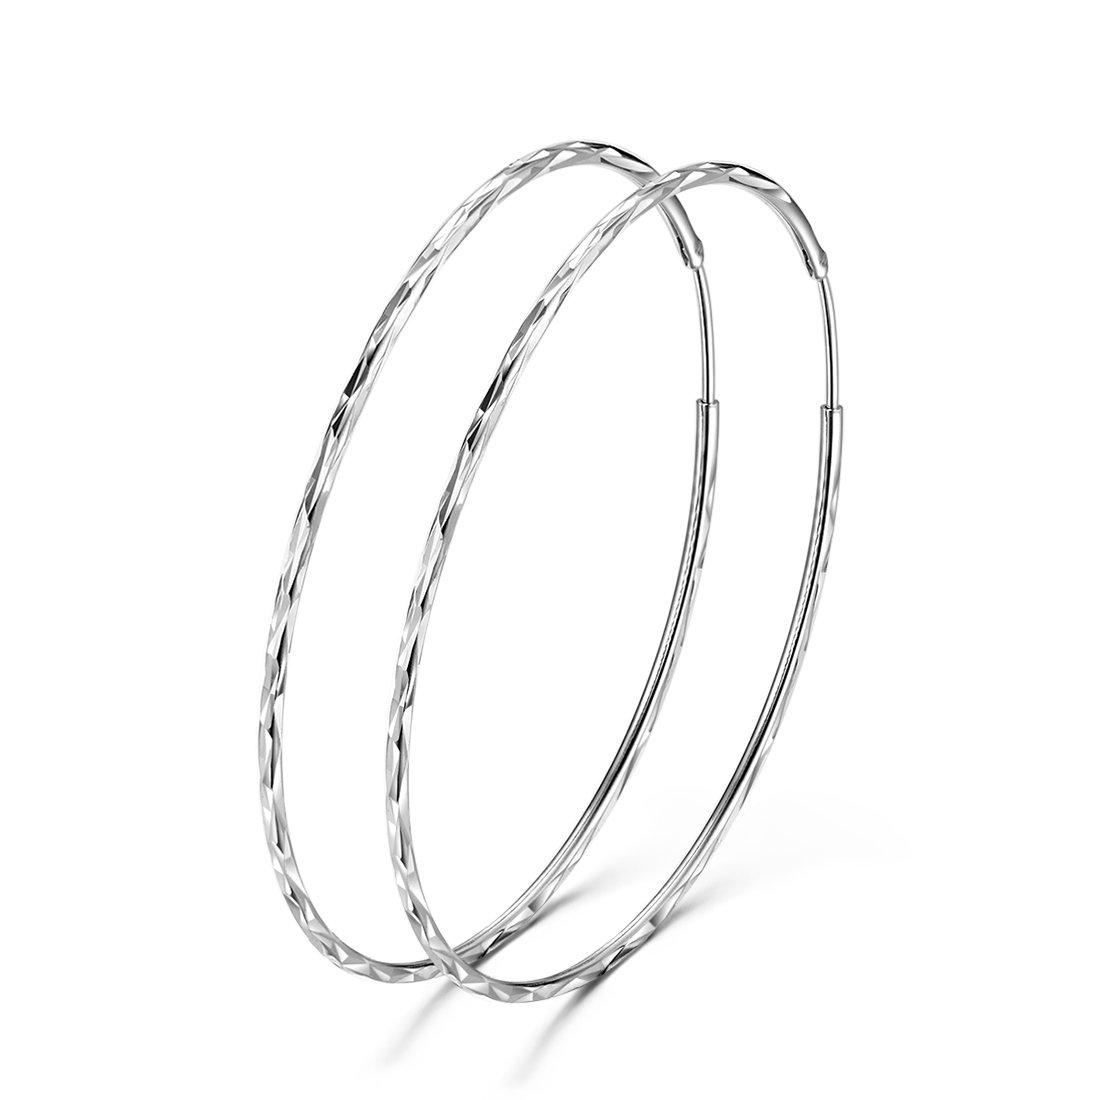 YAXING 925 Sterling Silver Nickel Free Large Round Hoop Earrings 60mm (Hoop Earring)